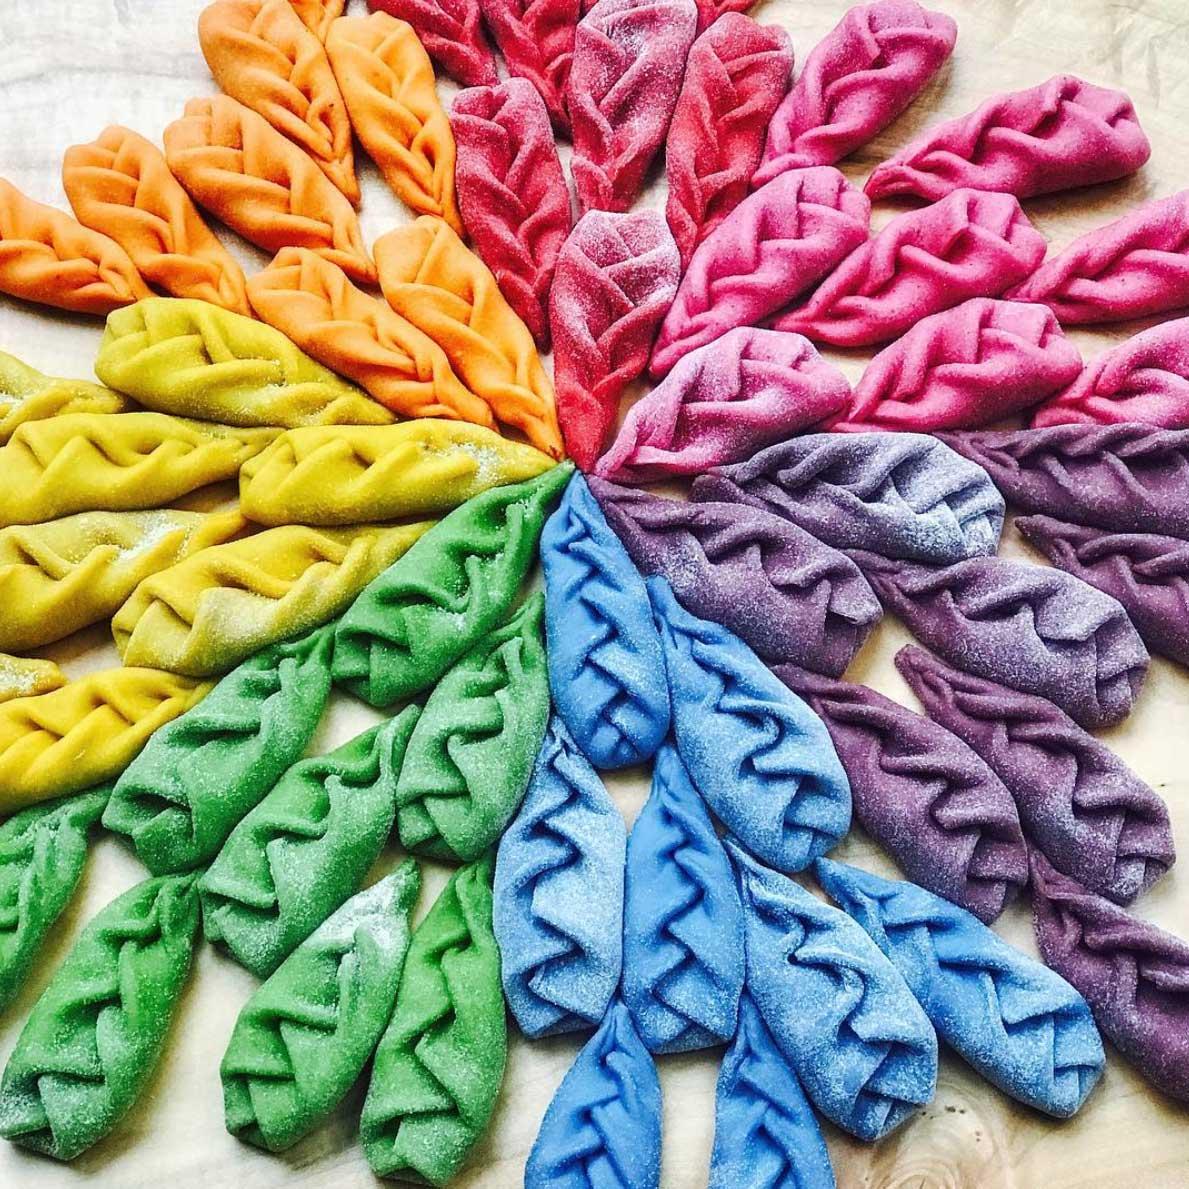 Farbenfrohe Pasta-Kunst von Linda Miller Nicholson Linda-Miller-Nicholson-Past-Pretty-Please_11